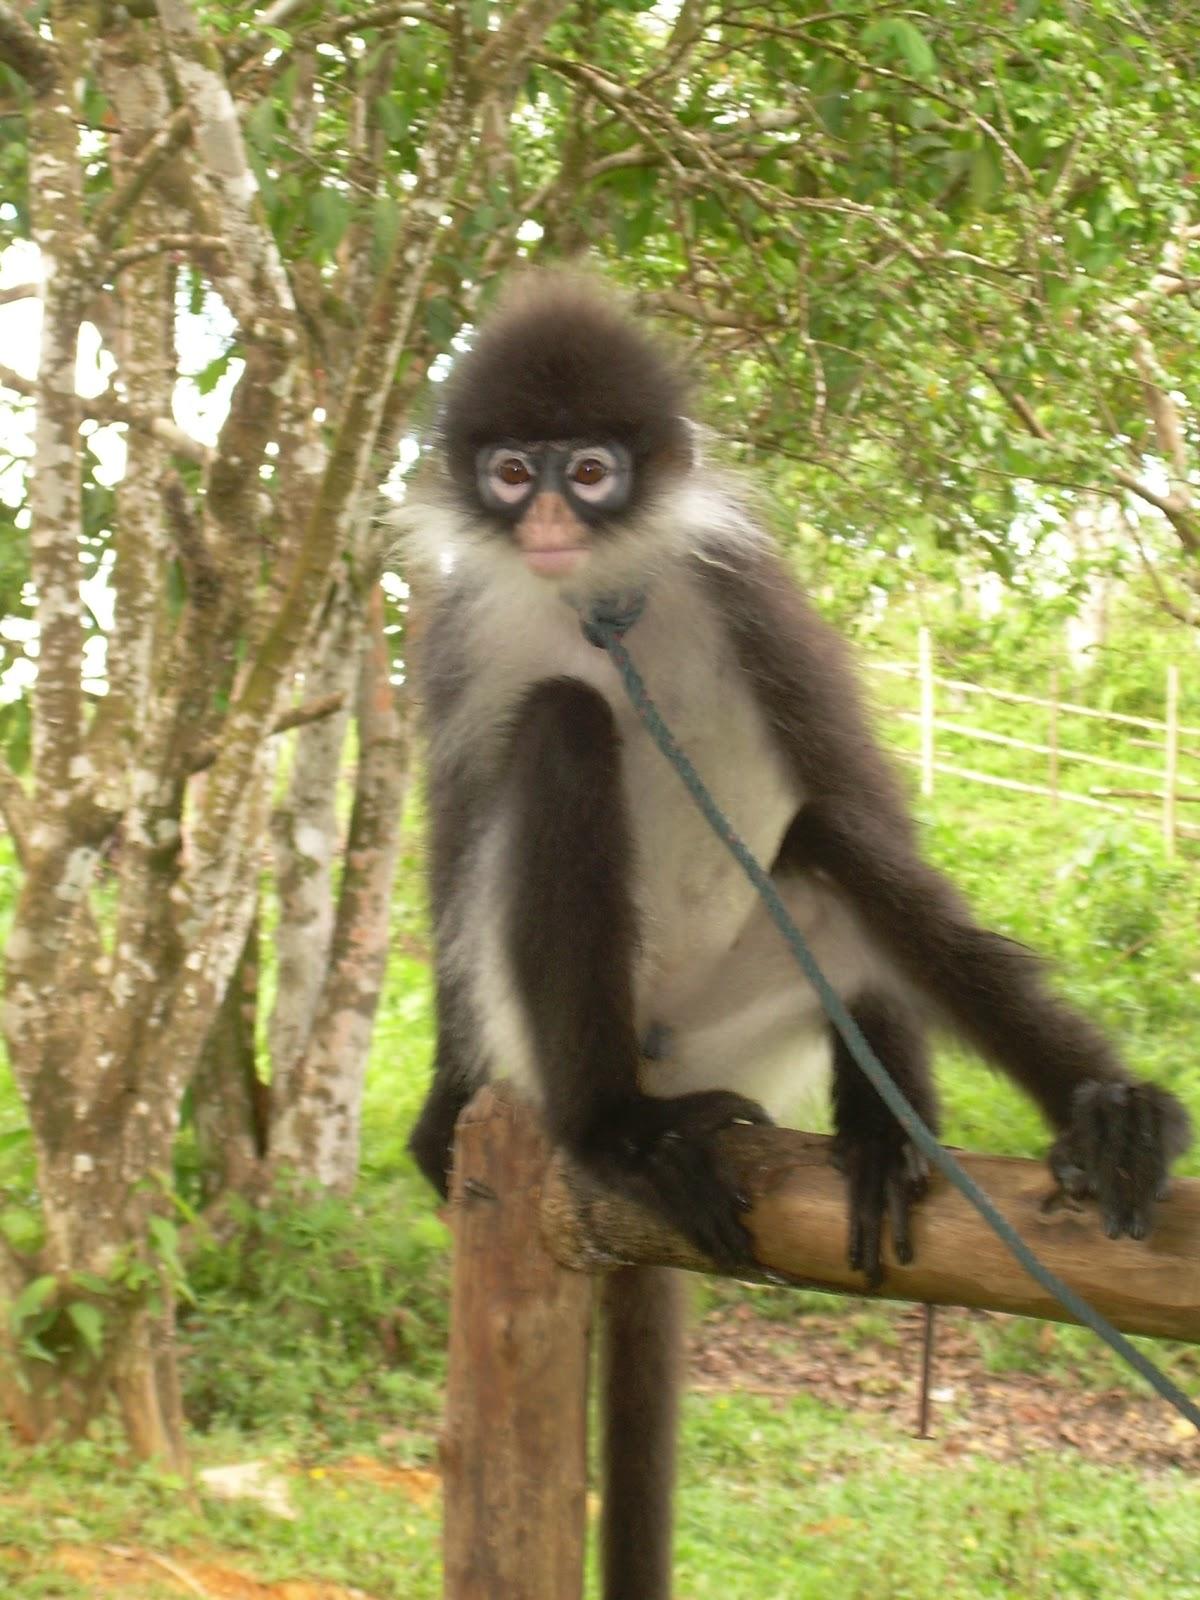 440 Koleksi Gambar Hewan Endemik Di Sumatera Gratis Terbaik